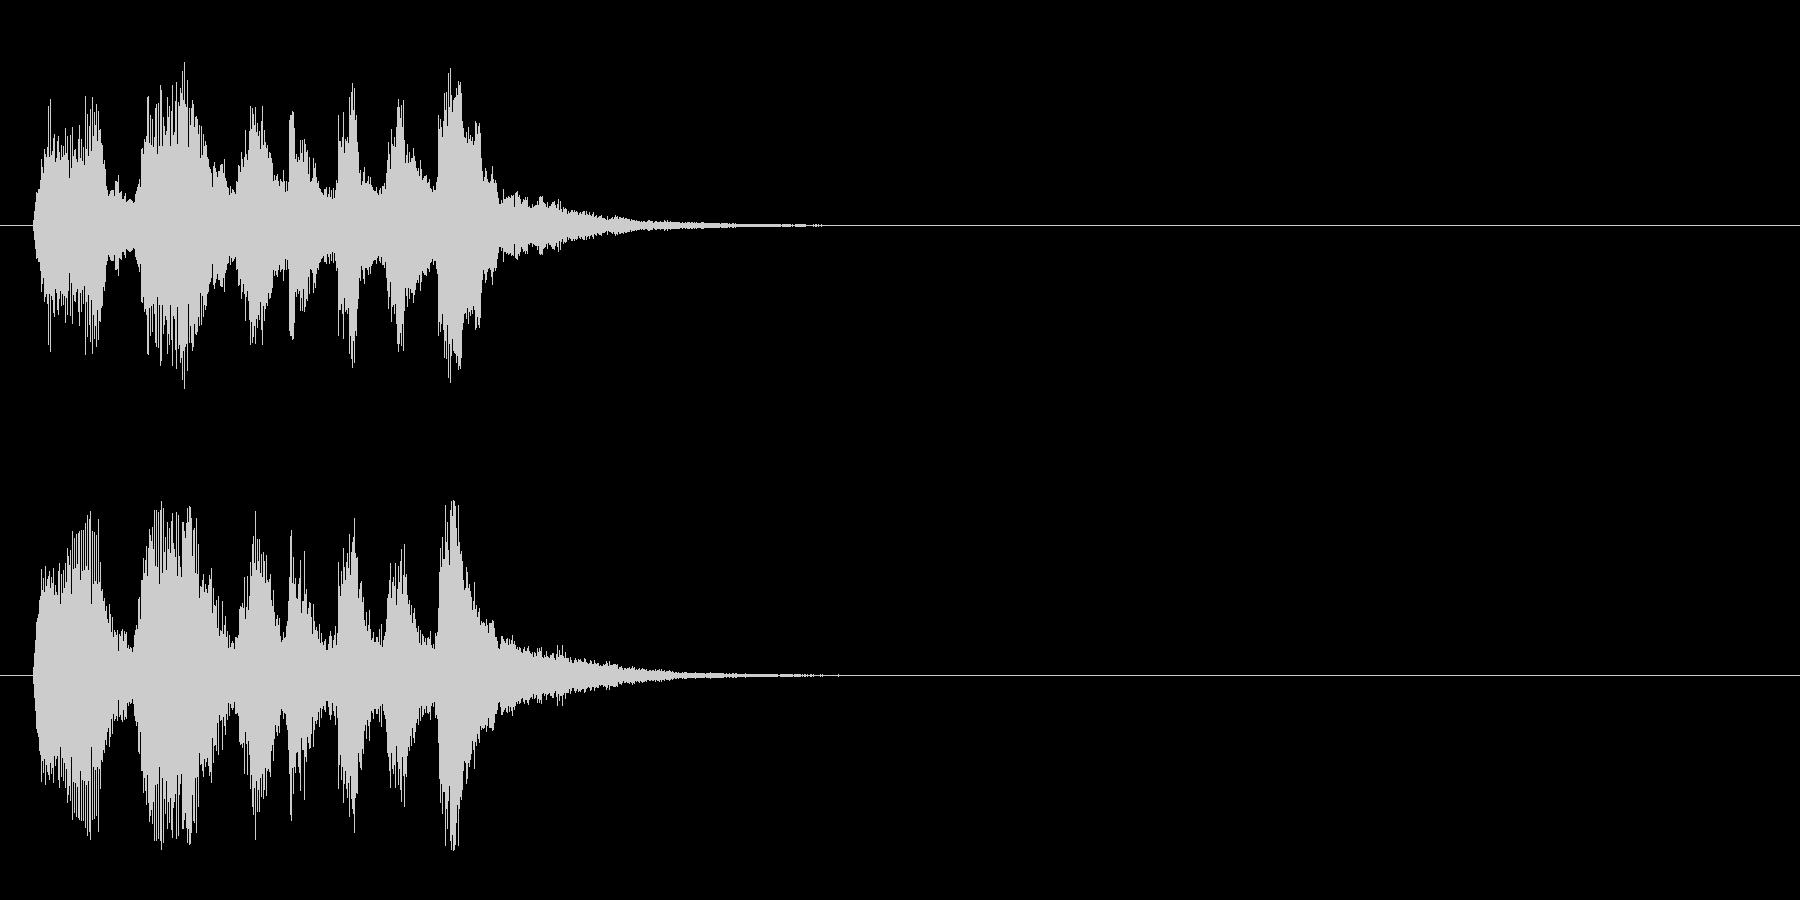 ジングル/アタック(ファンファーレ風)の未再生の波形